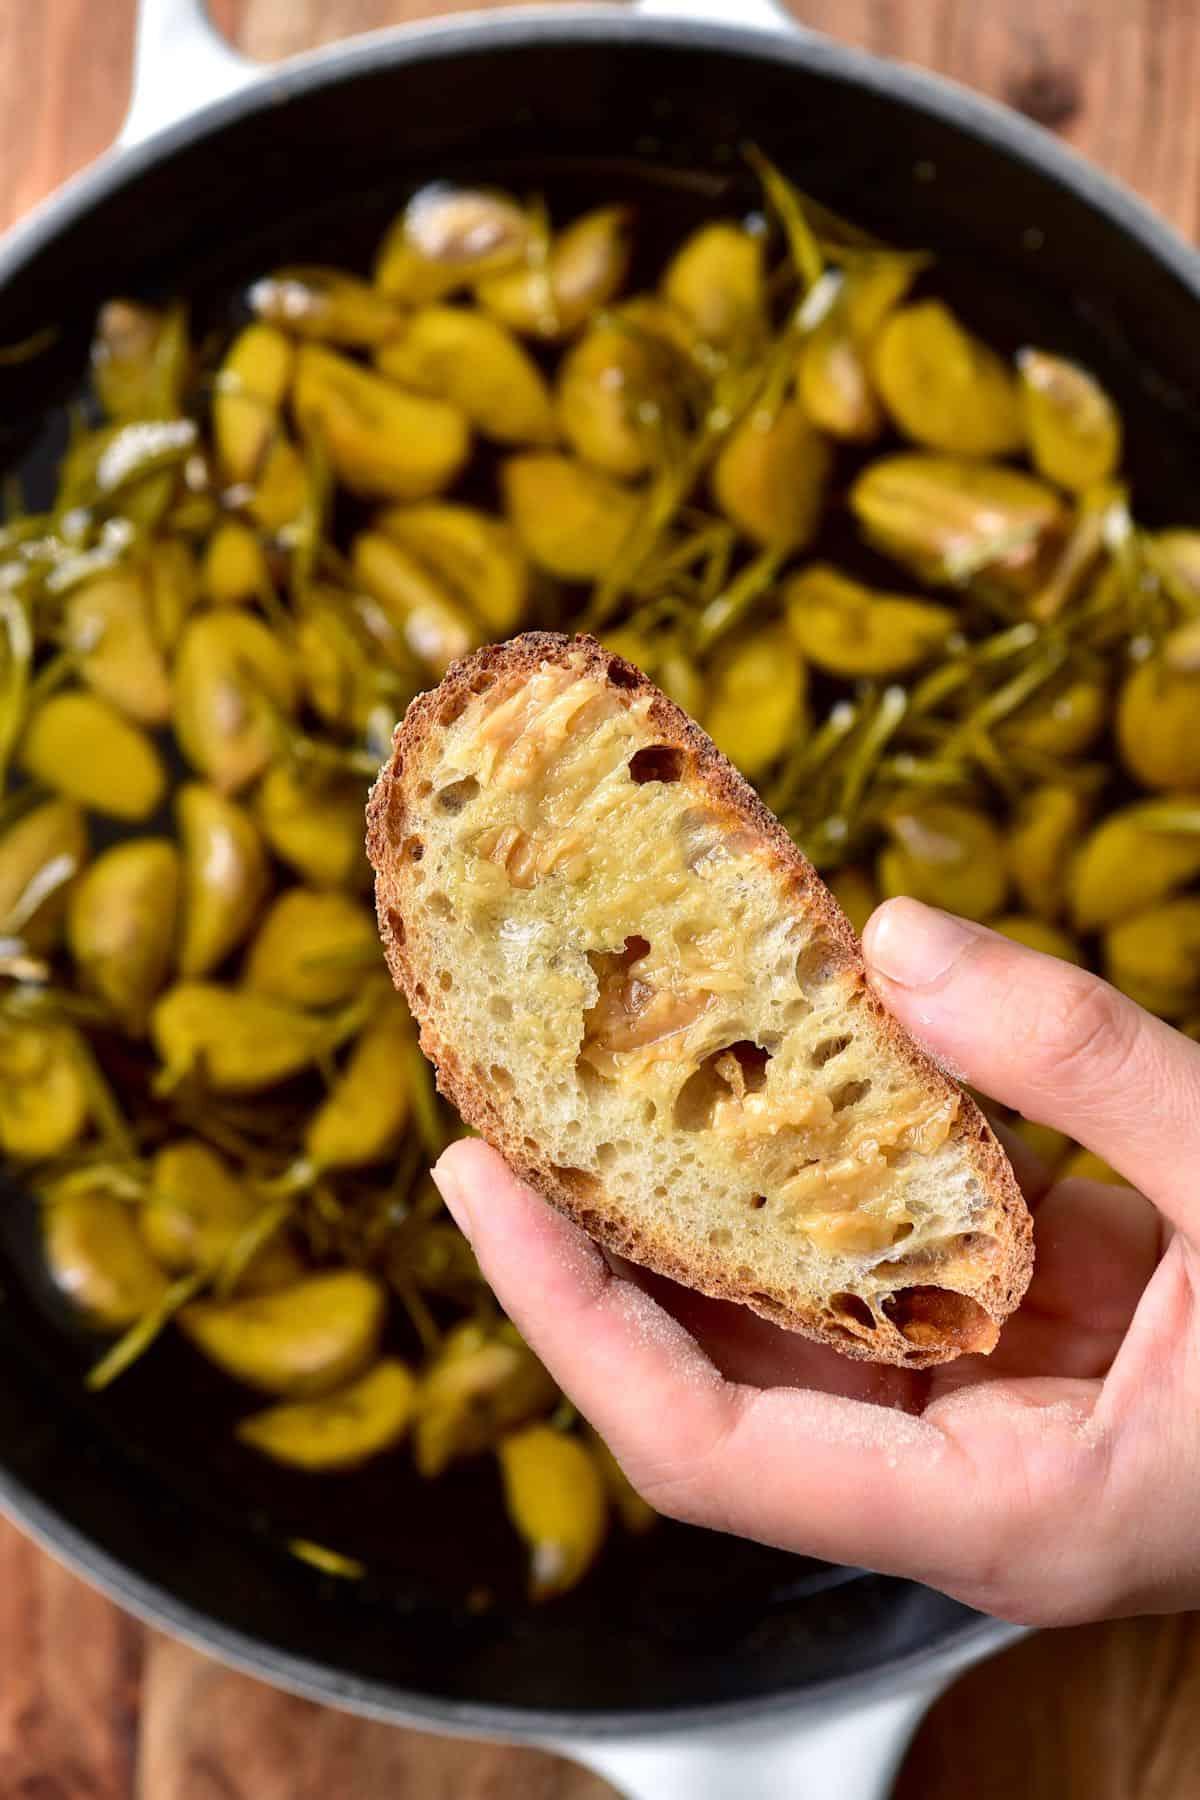 Garlic confit spread on a piece of bread